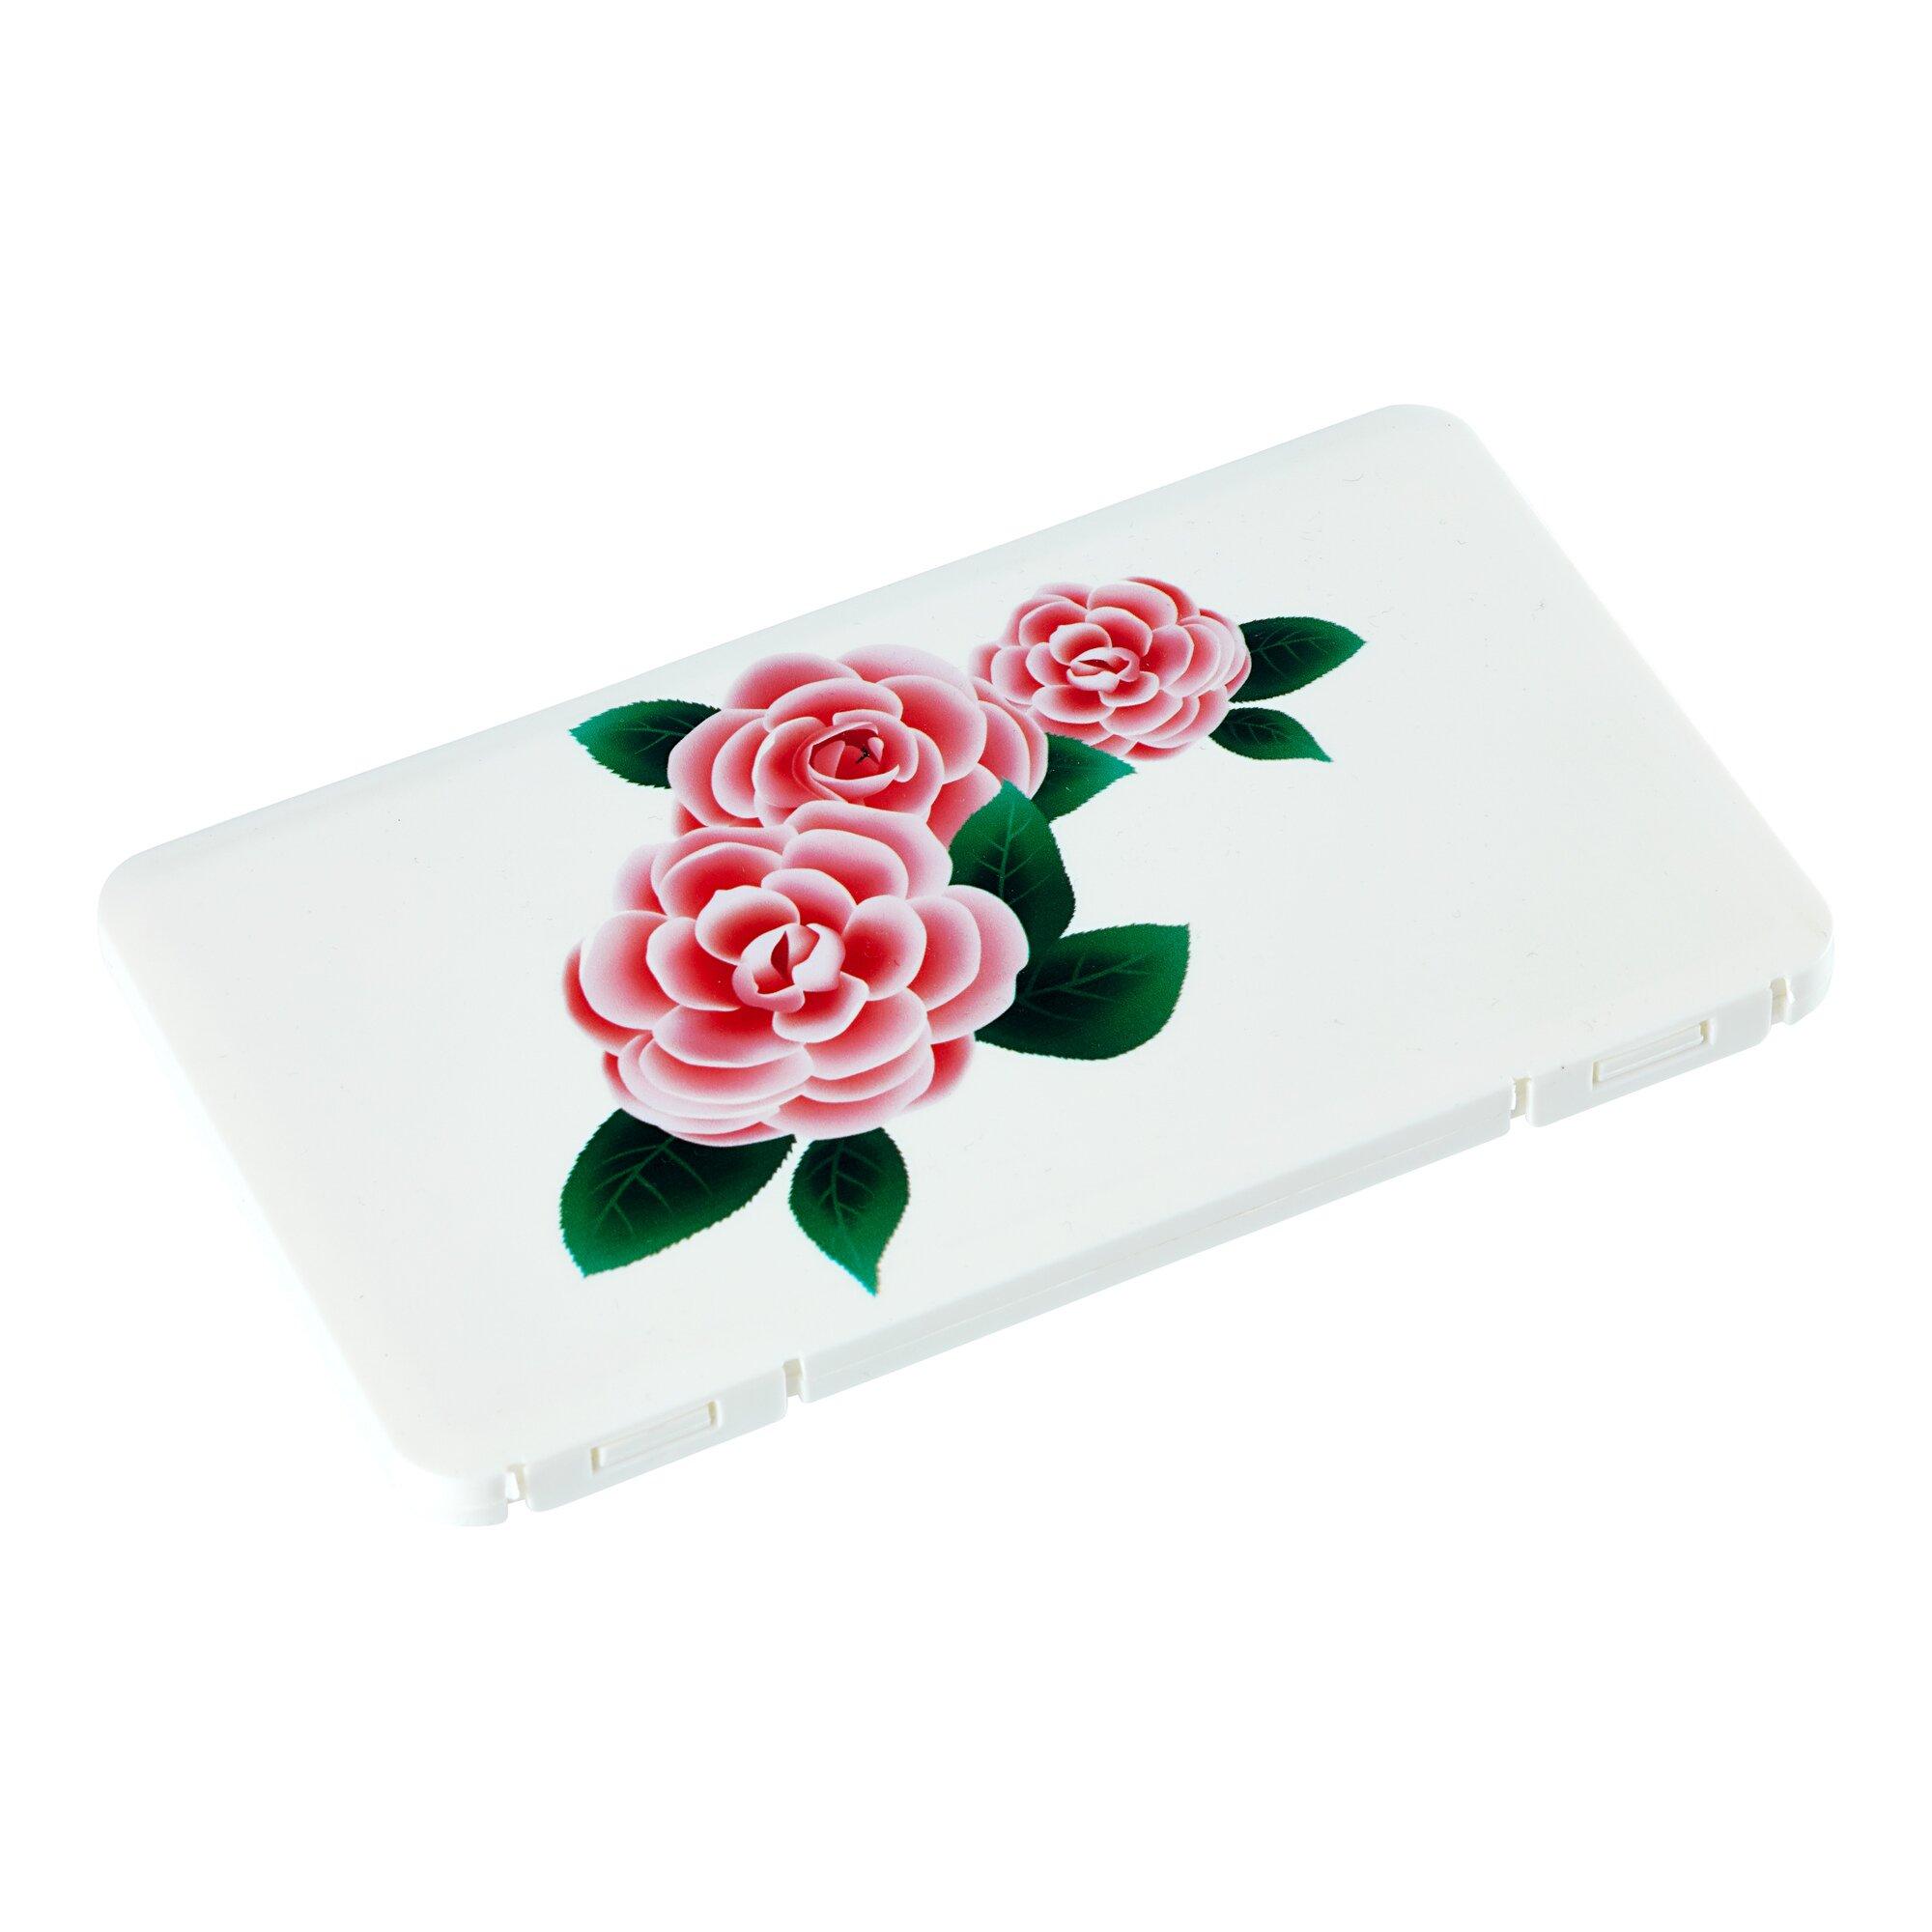 Image of Masken-Box mit Blumen